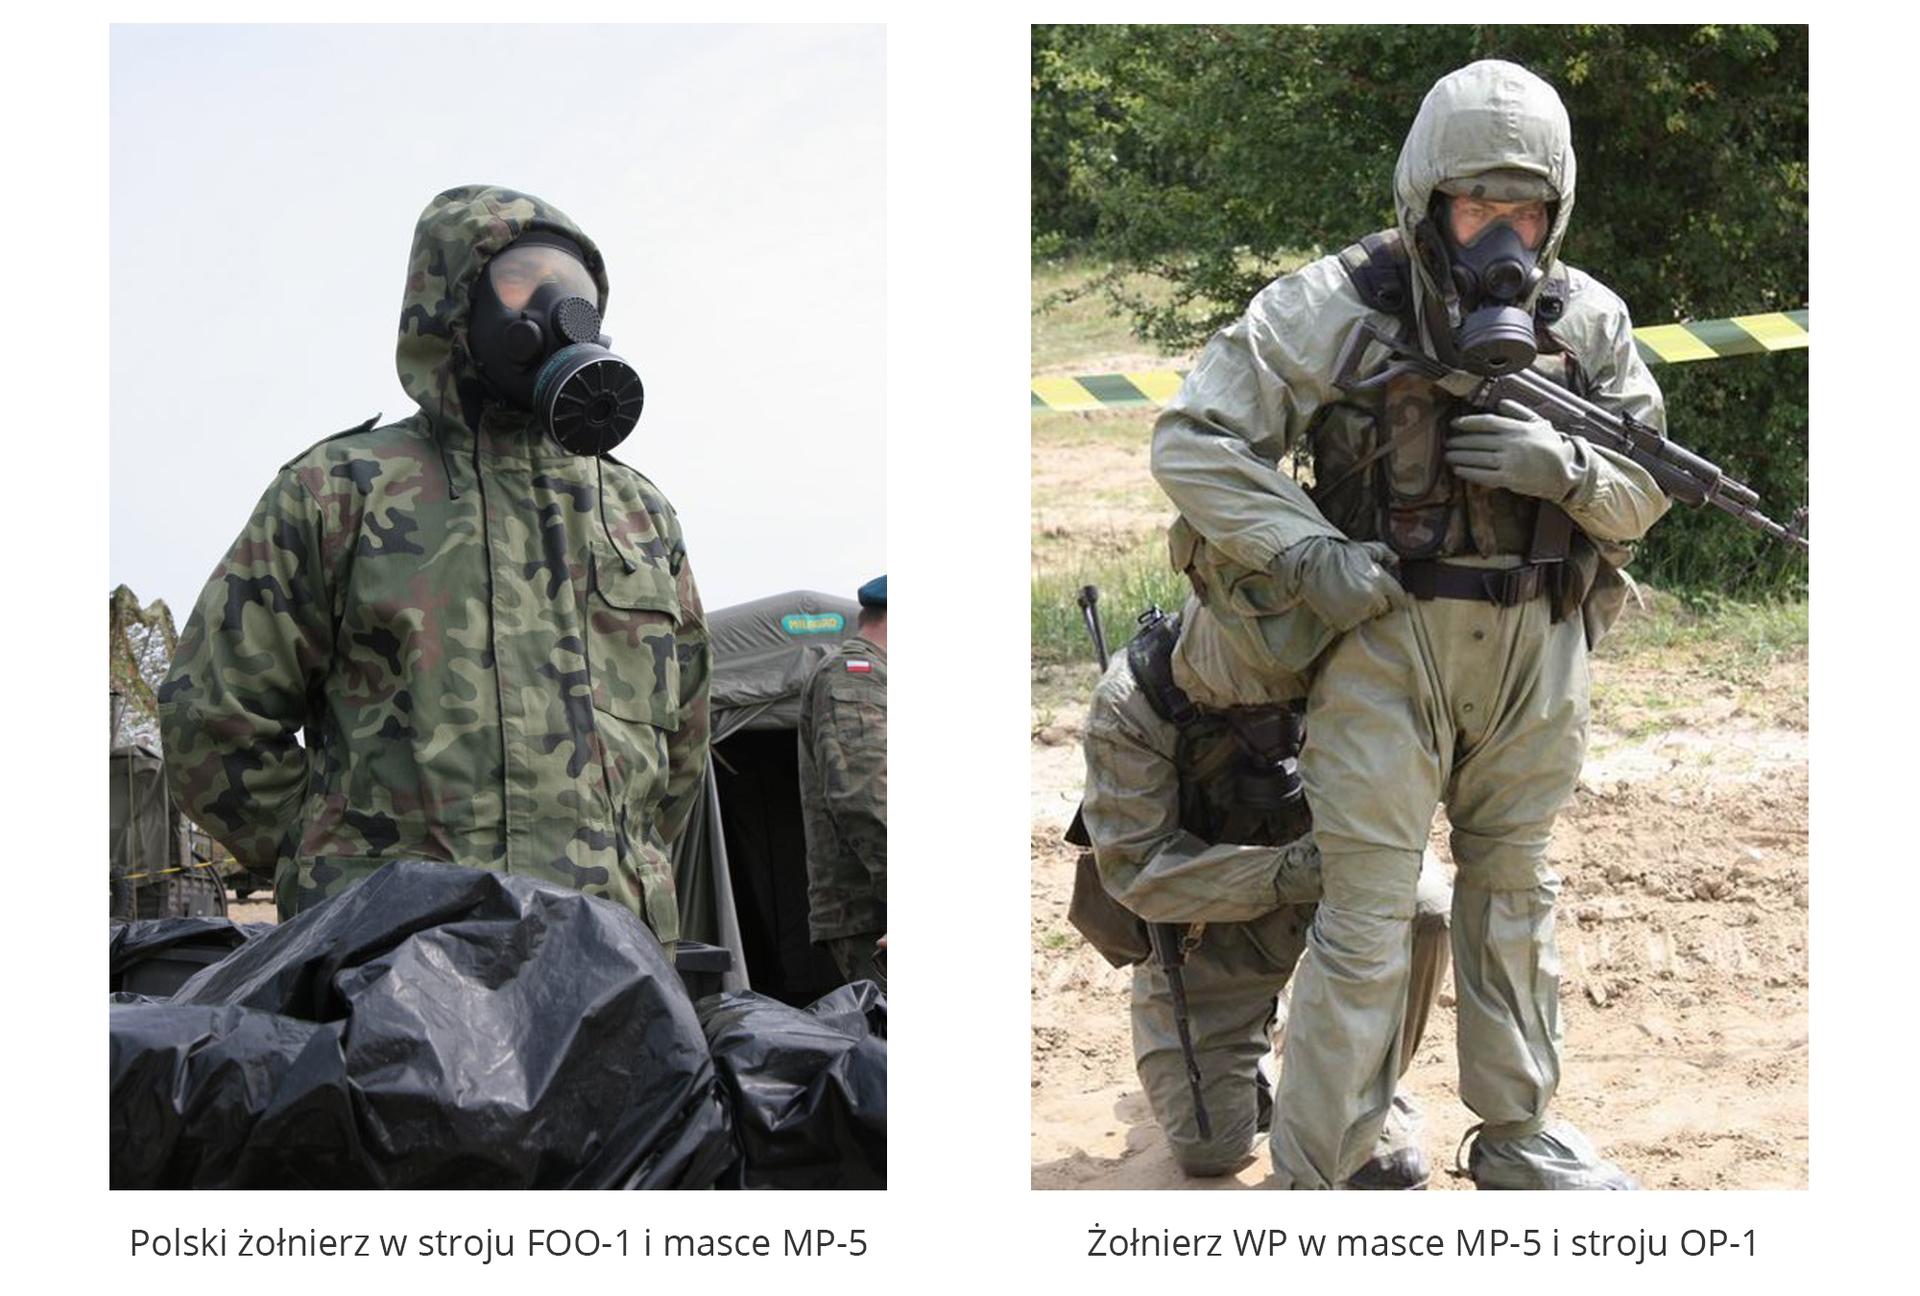 Dwa zdjęcia portretowe ułożone obok siebie przedstawiające sceny zterenowych ćwiczeń wojskowych. Na lewym zdjęciu polski żołnierz wstroju FOO-1 imasce MP-5. Centralną część kadru zajmuje żołnierz wciemnozielonym stroju maskującym zrękami splecionymi na plecach. Głowa zasłonięta kapturem, na twarzy czarna maska przeciwgazowa. Pojedynczy otwór na oczy wykonany zprzeźroczystego materiału. Poniżej otworu przymocowany okrągły pochłaniacz. Na zdjęciu po prawej stronie dwaj żołnierze Wojska Polskiego, zktórych jeden stoi, ubrany wszary kombinezon OP-1, czarną kamizelkę oraz maskę przeciwgazową MP-5. Maska ma jeden duży otwór na oczy oraz czarny okrągły pochłaniacz. Wlewej ręce żołnierz trzyma karabin, aprawą poprawia pas. Na dłoniach ma rękawice. Drugi żołnierz wsparty na lewym kolanie pomaga stojącemu wzapięciu kombinezonu.